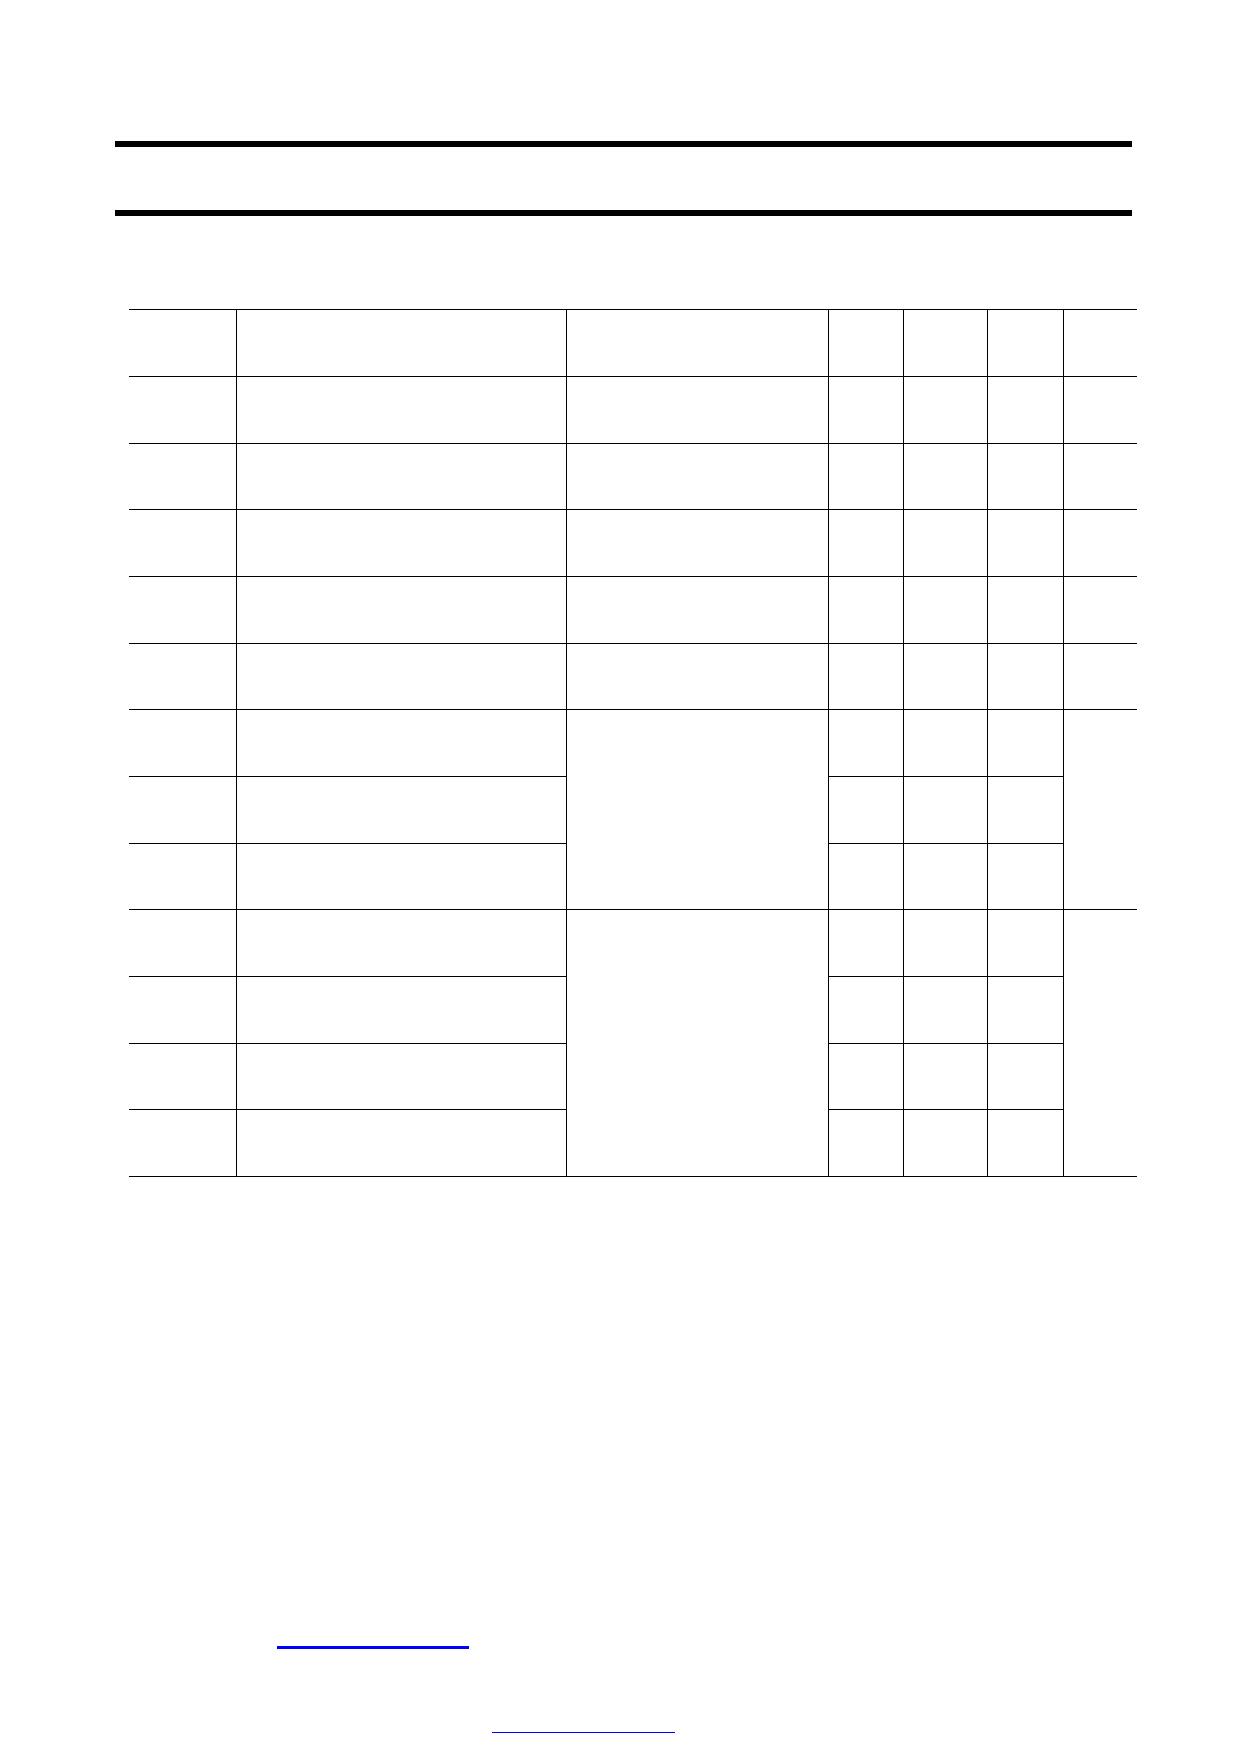 2SK2057 data sheet